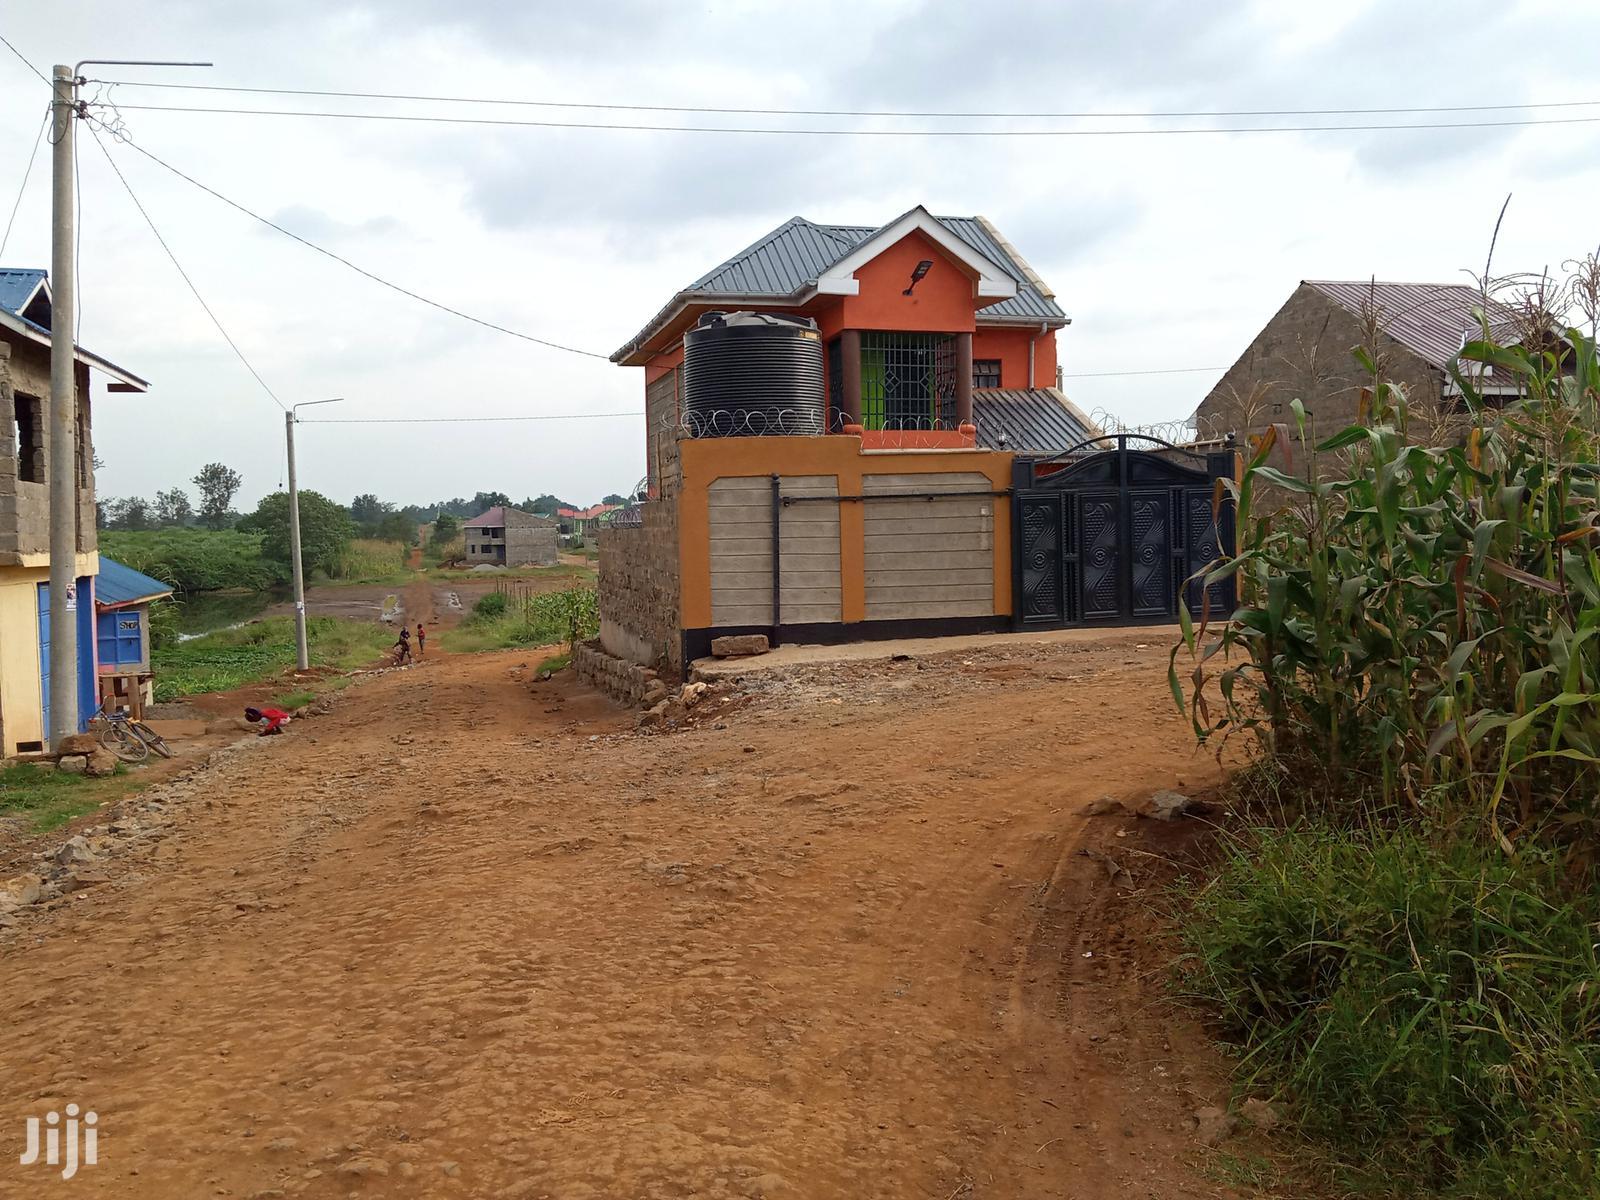 Residential Plot for Sale in River Estate Kenyatta Road. | Land & Plots For Sale for sale in Juja, Kiambu, Kenya